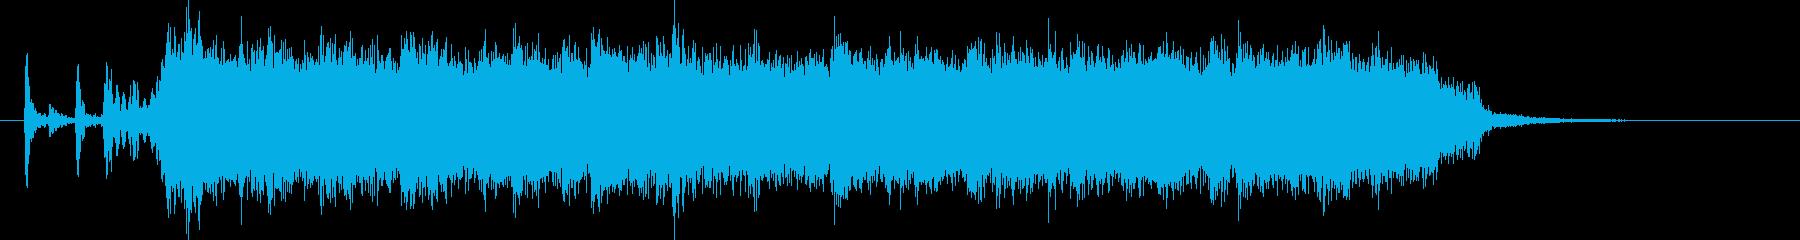 90年代ハードロック風ジングルの再生済みの波形